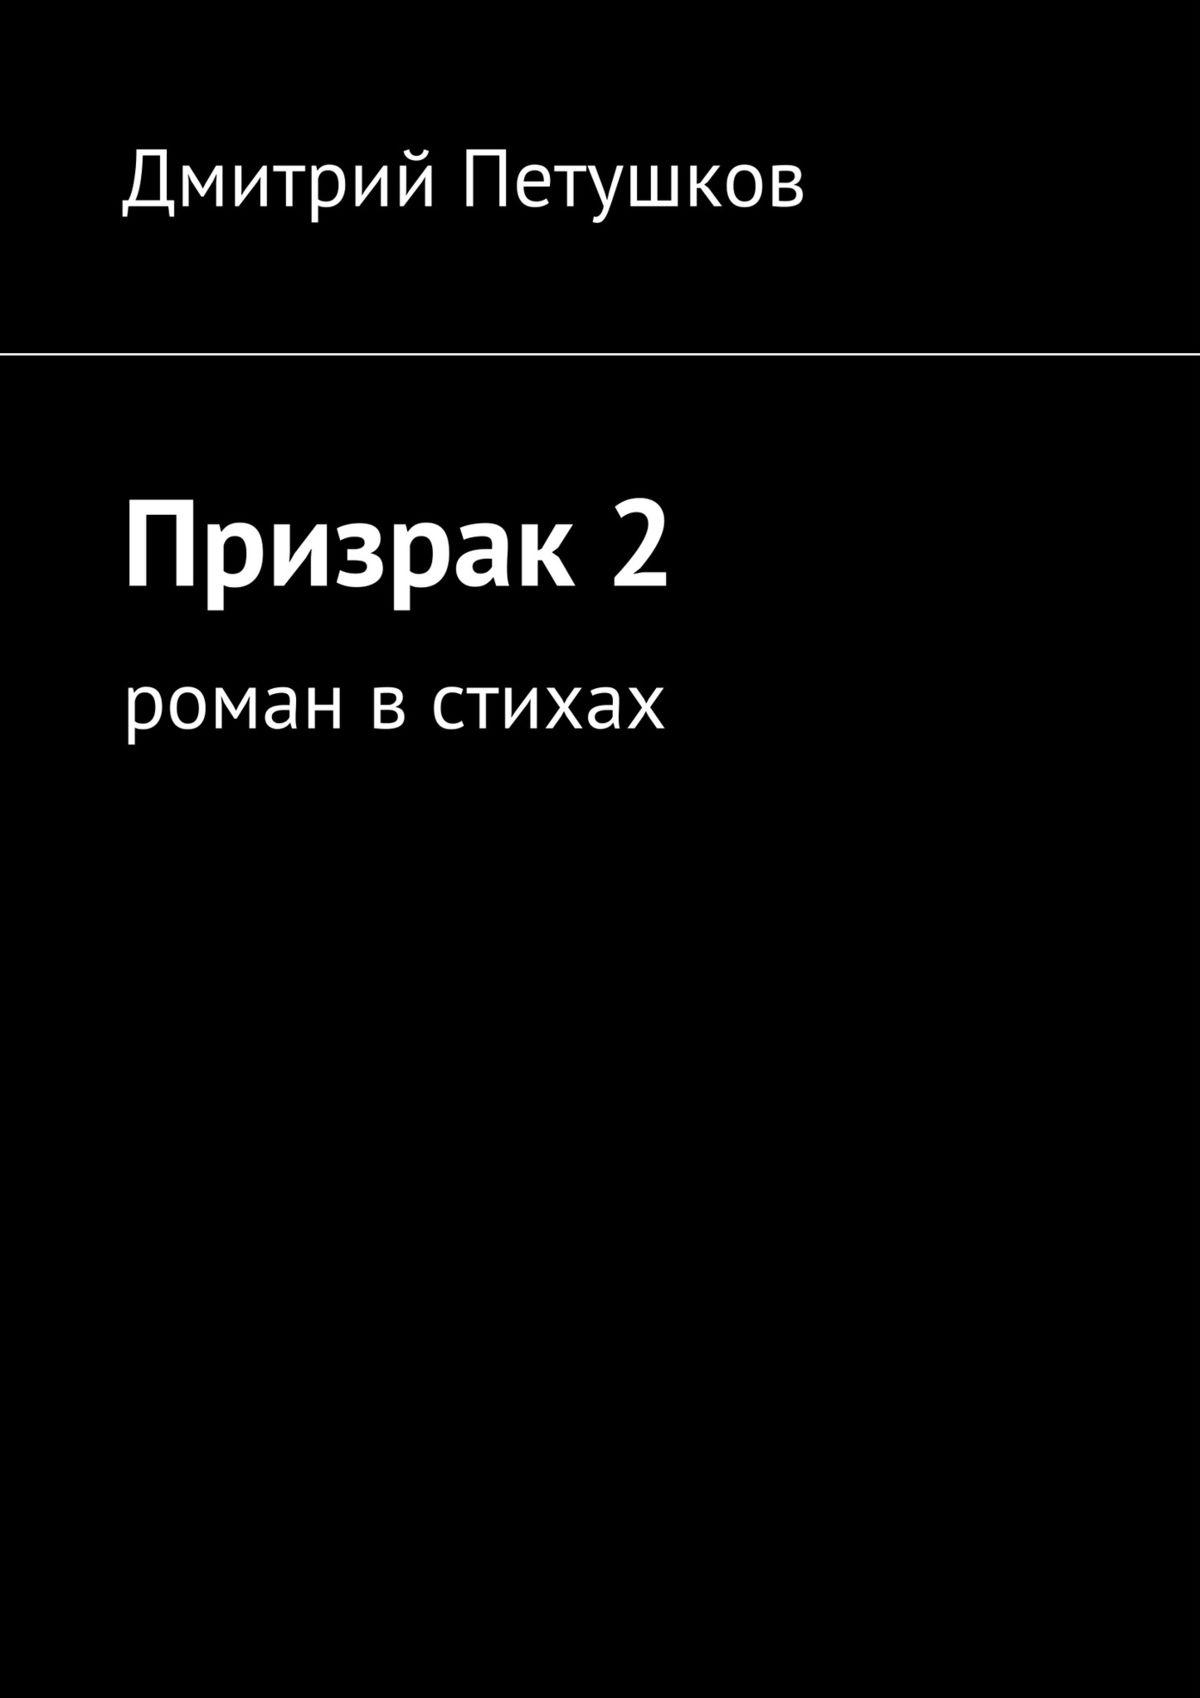 Дмитрий Петушков Призрак 2 рудазов а призрак